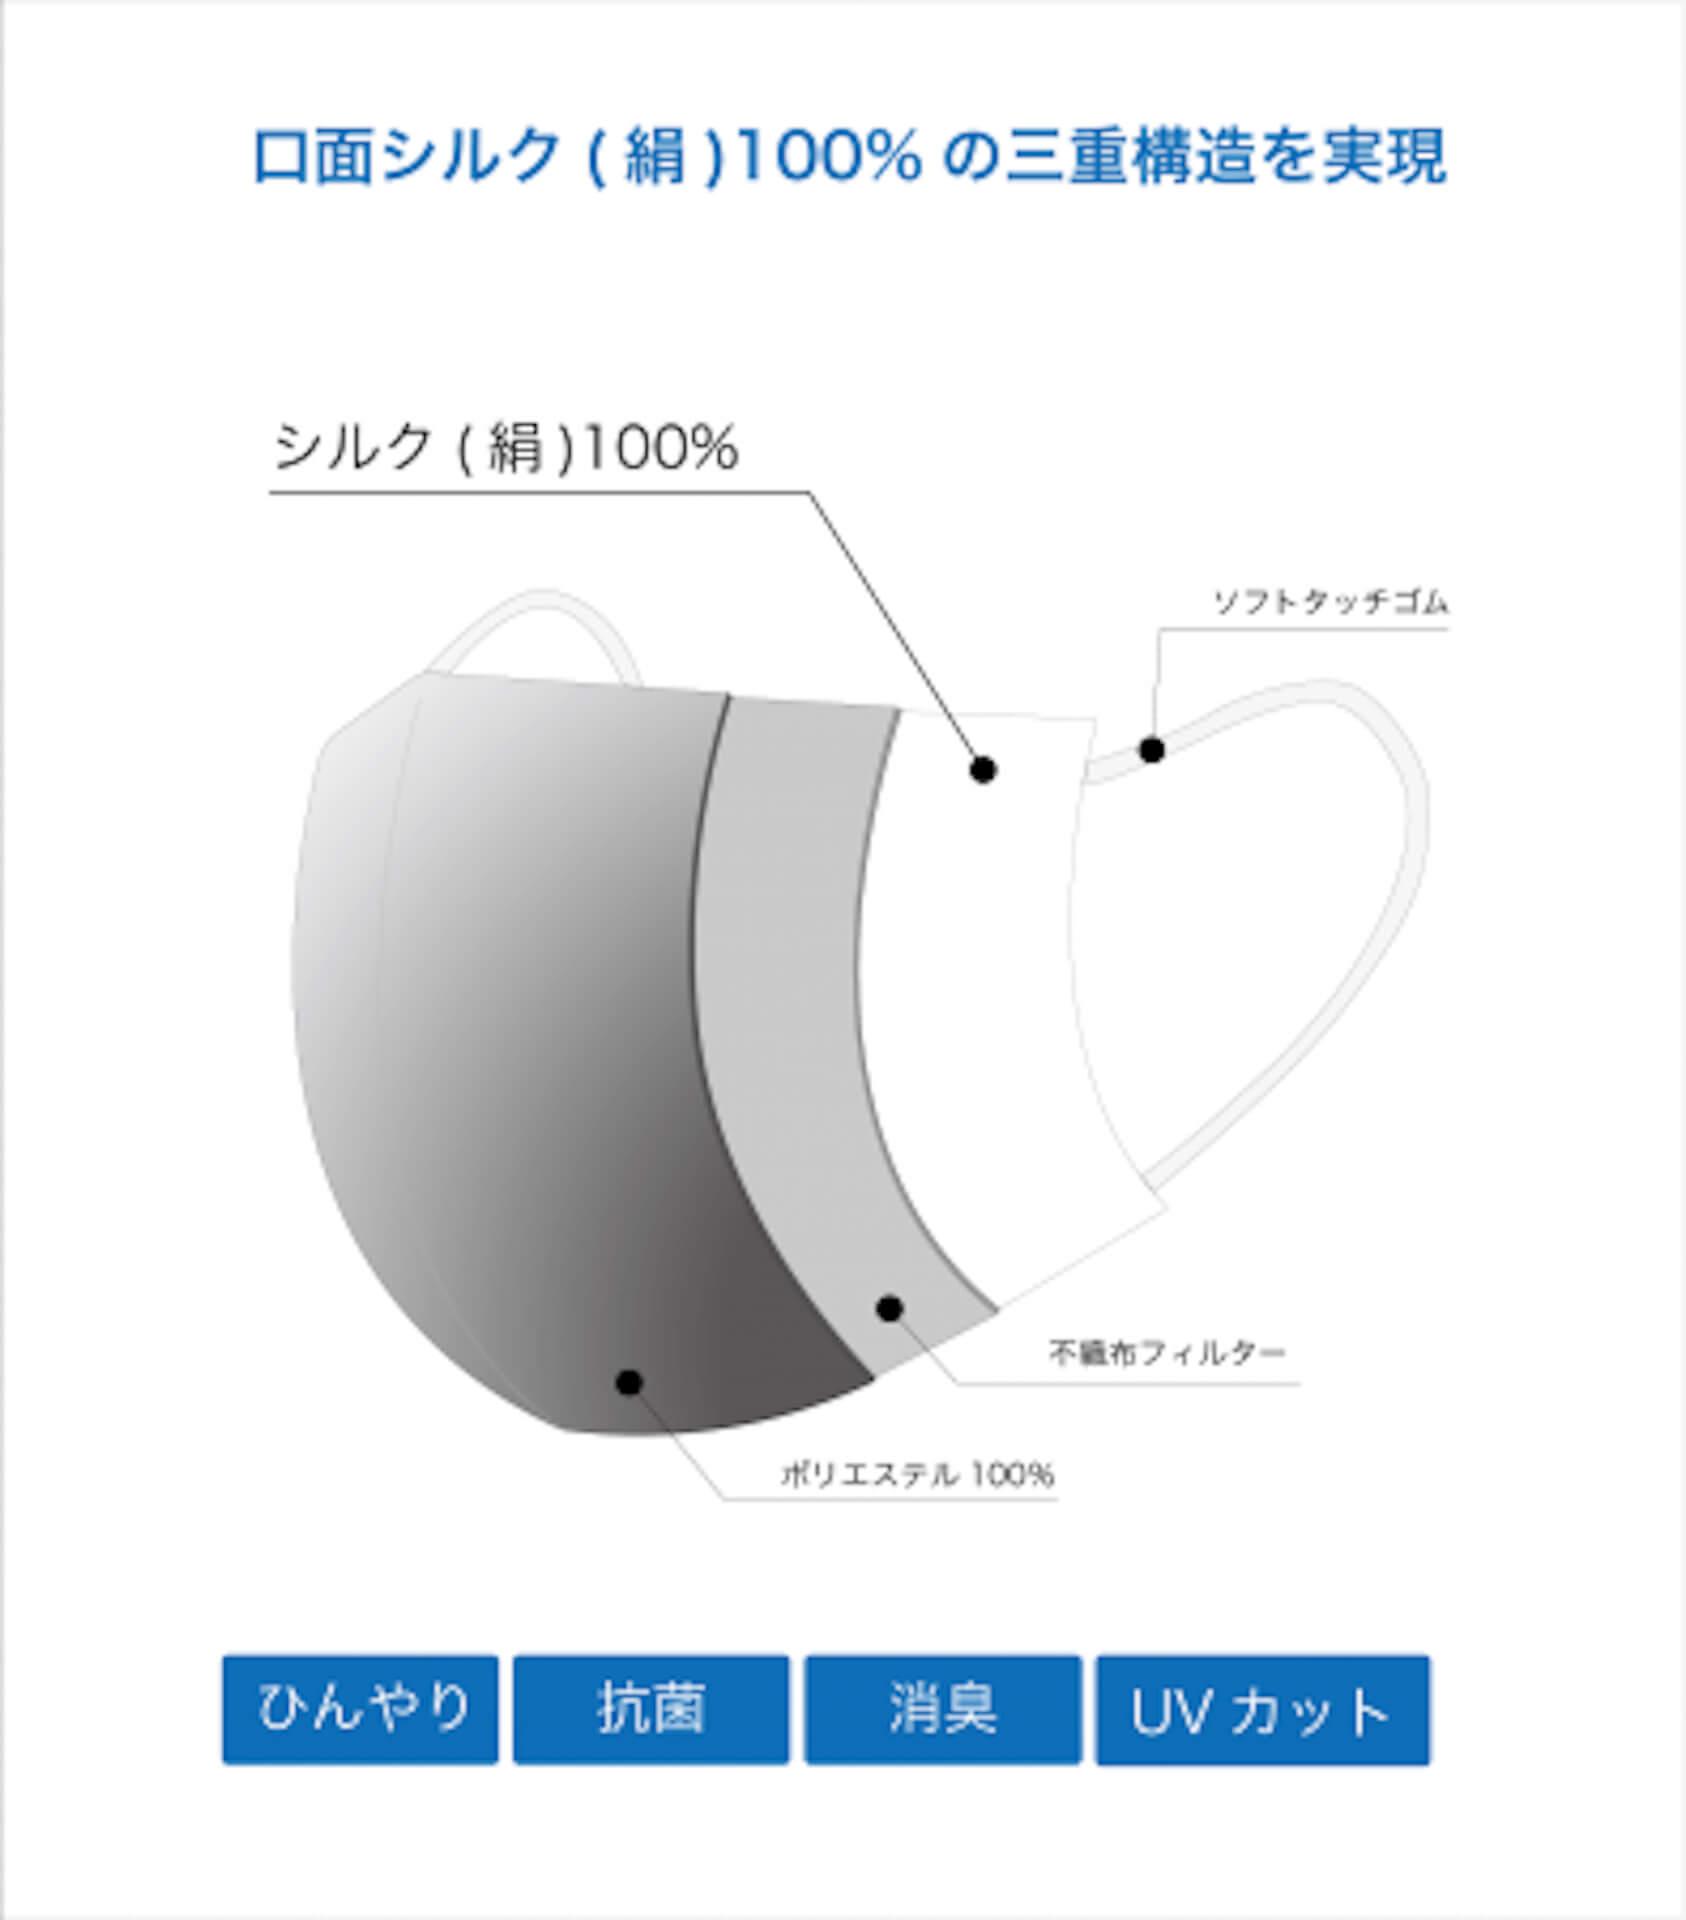 高機能マスクをファッションに!ファッションマスクに特化したECサイト「MASK WEAR TOKYO」がローンチ life200615_maskwear_4